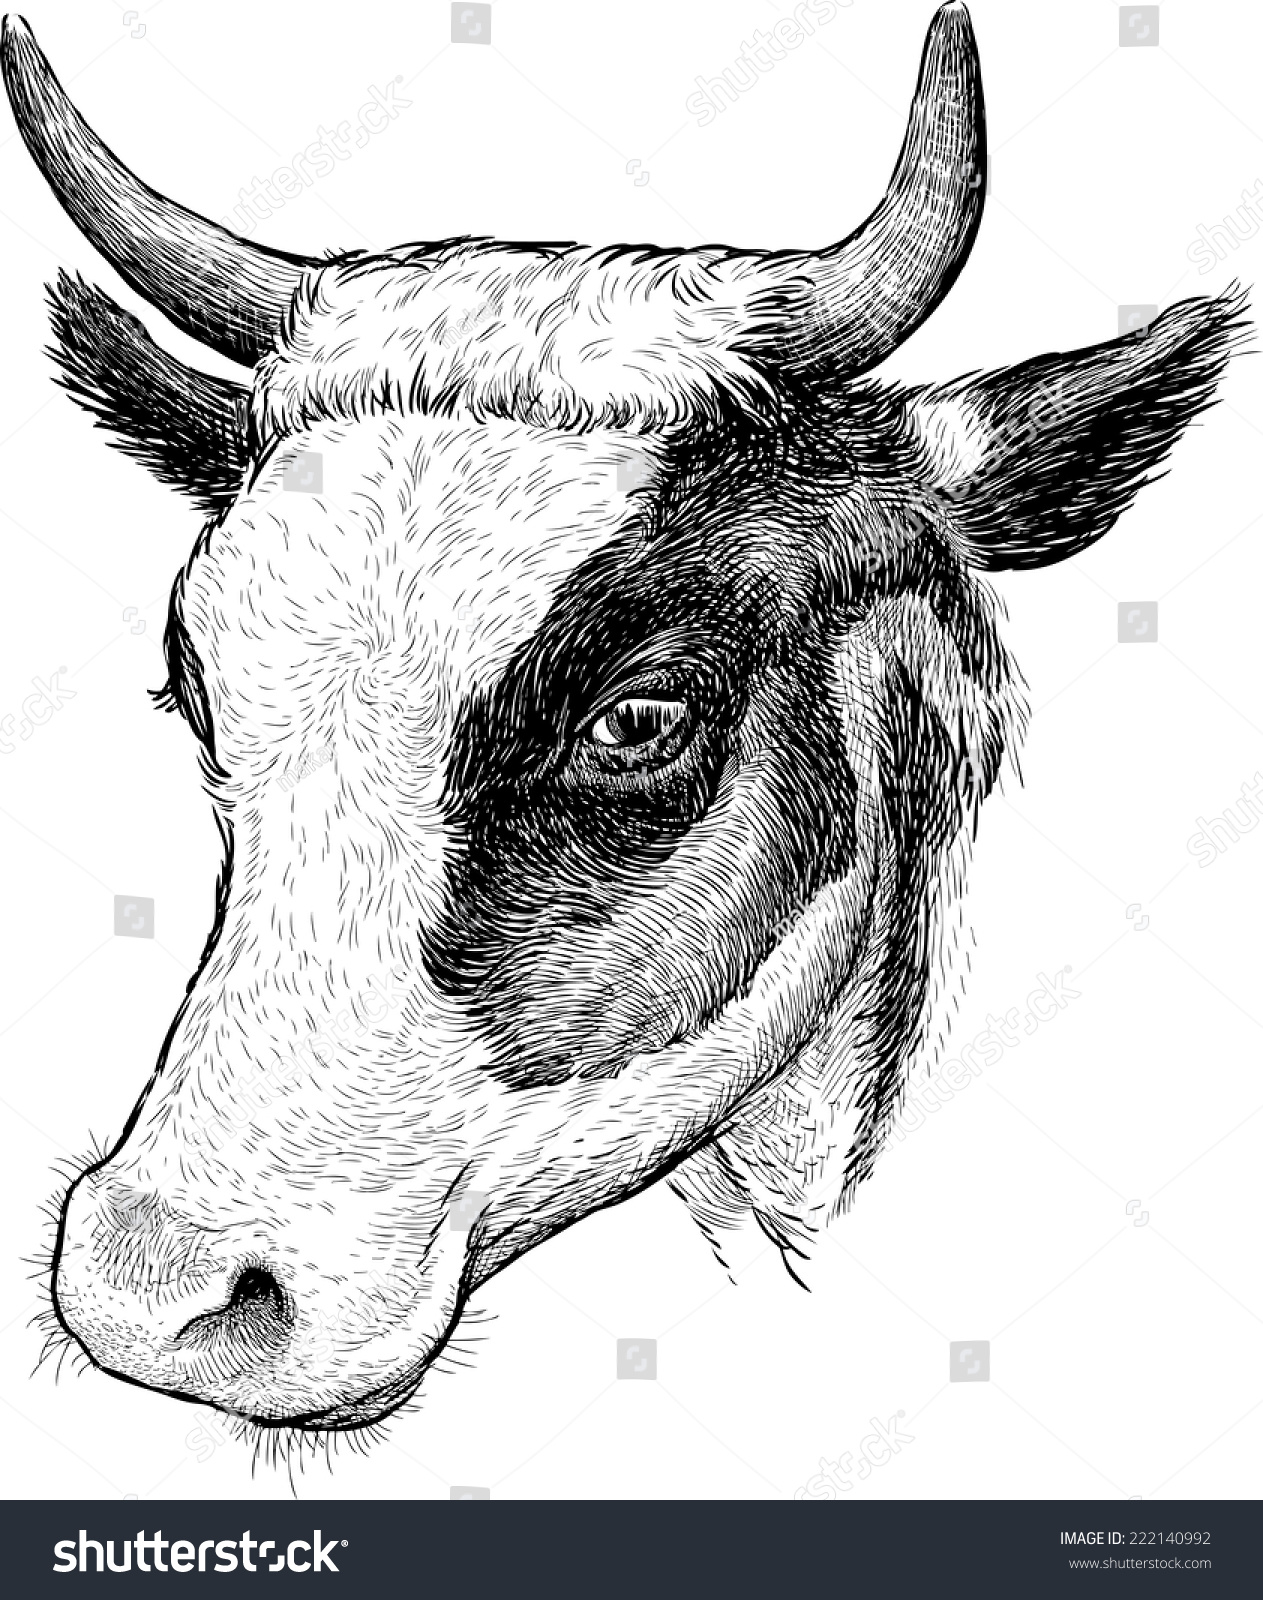 Uncategorized Cow Head Drawing cow head stock vector 222140992 shutterstock head